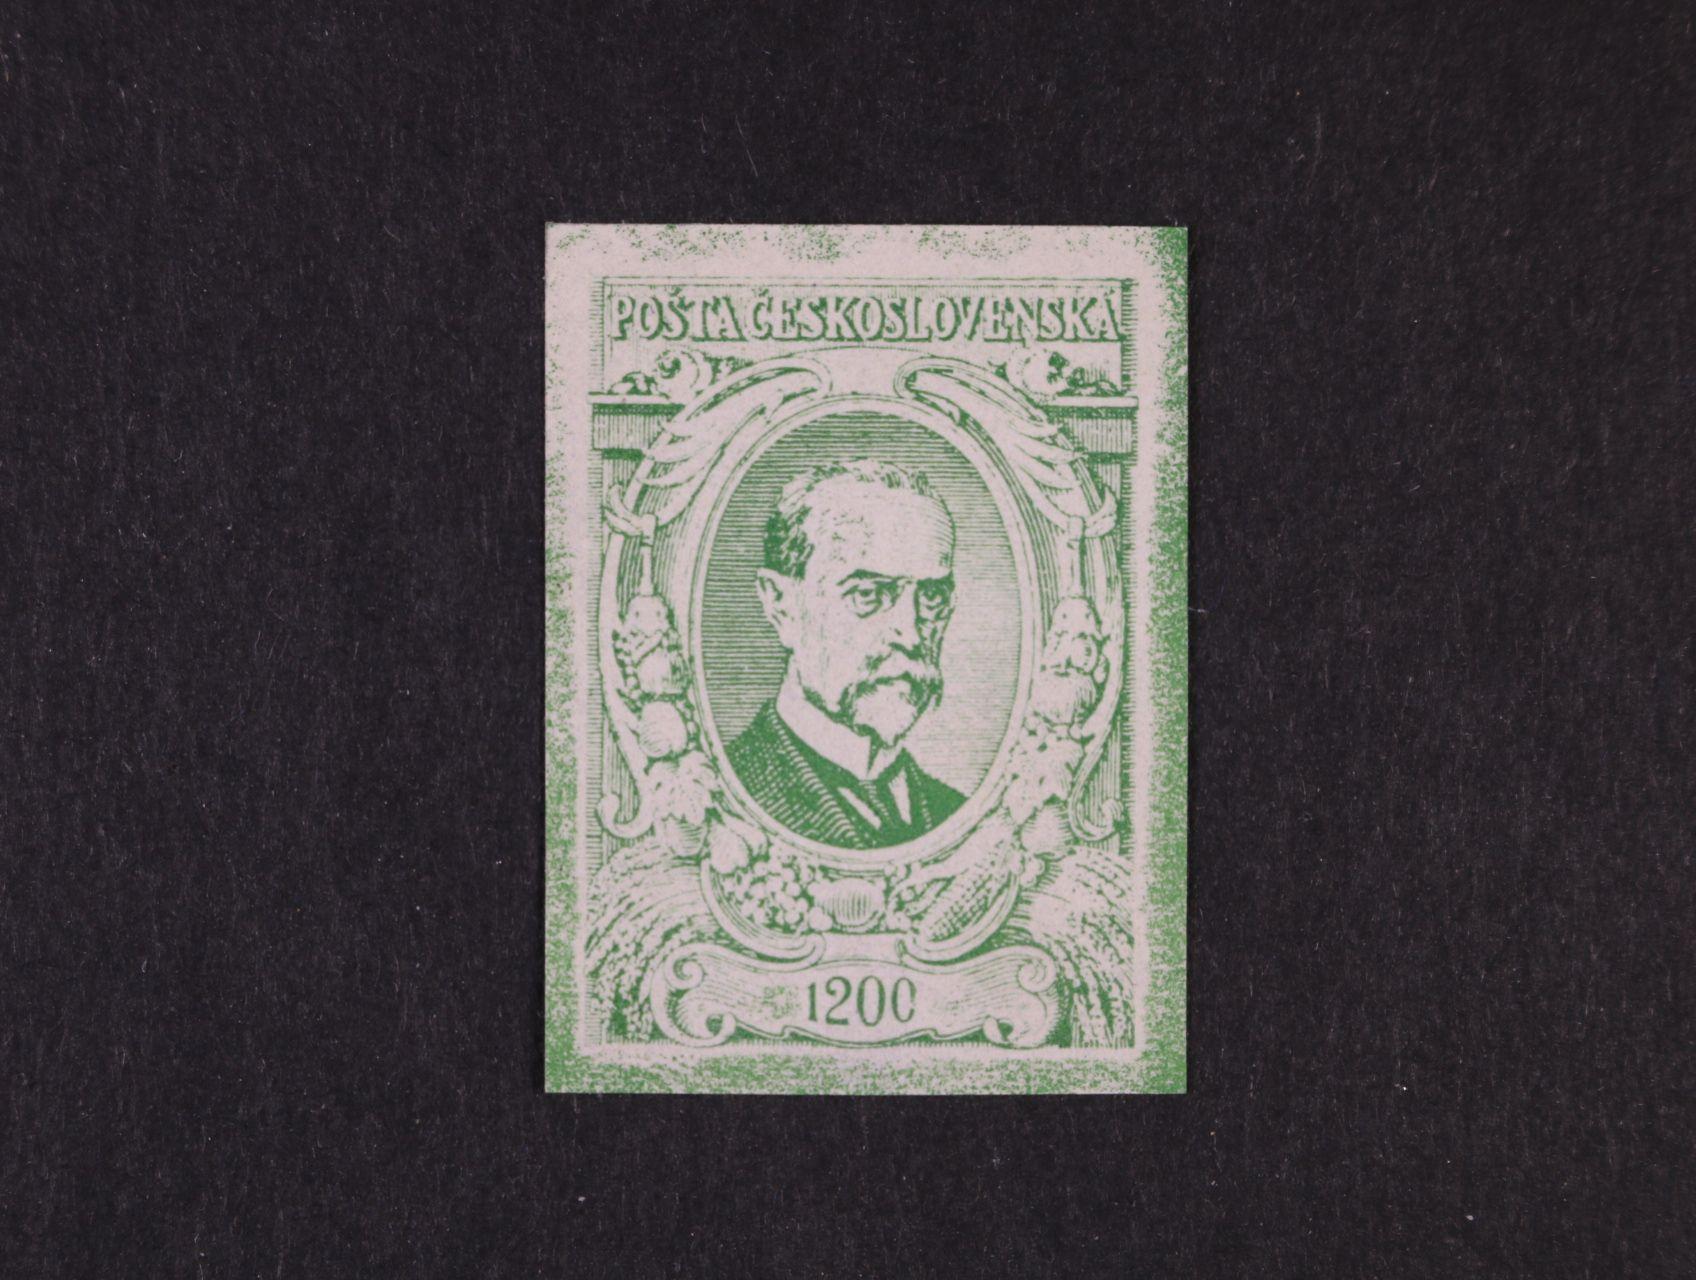 ZT nevydané hodnoty 1200h knihtisk v barvě zelené z nevyčištěné desky, zk. Stupka